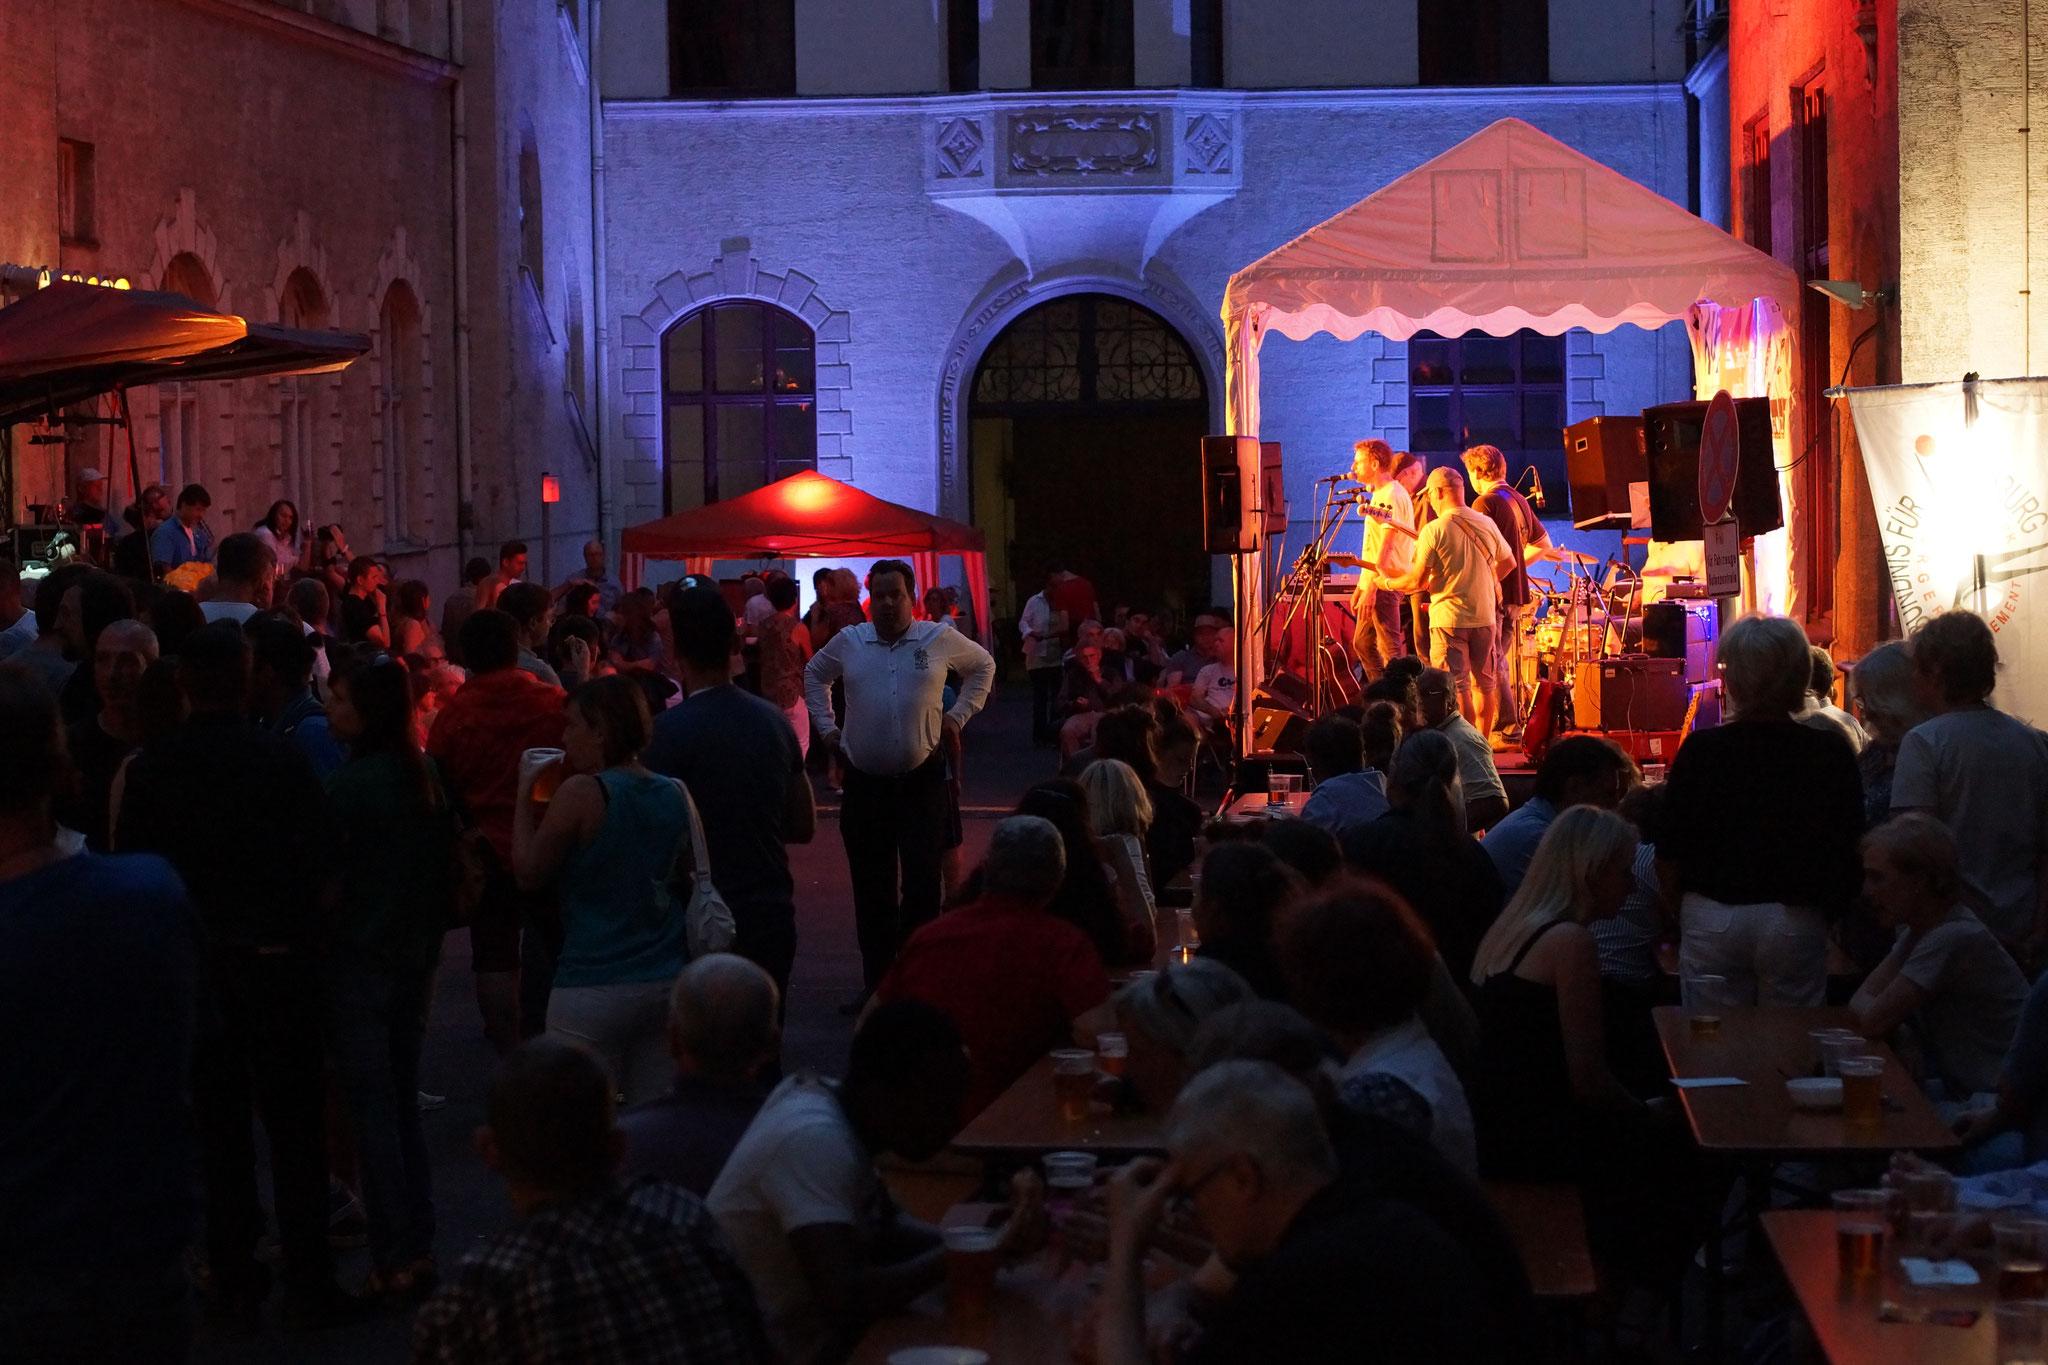 Konzerte im Bürgerhof 08.07.16 - Freiwilligen-Zentrum Augsburg - Foto: Crayfish